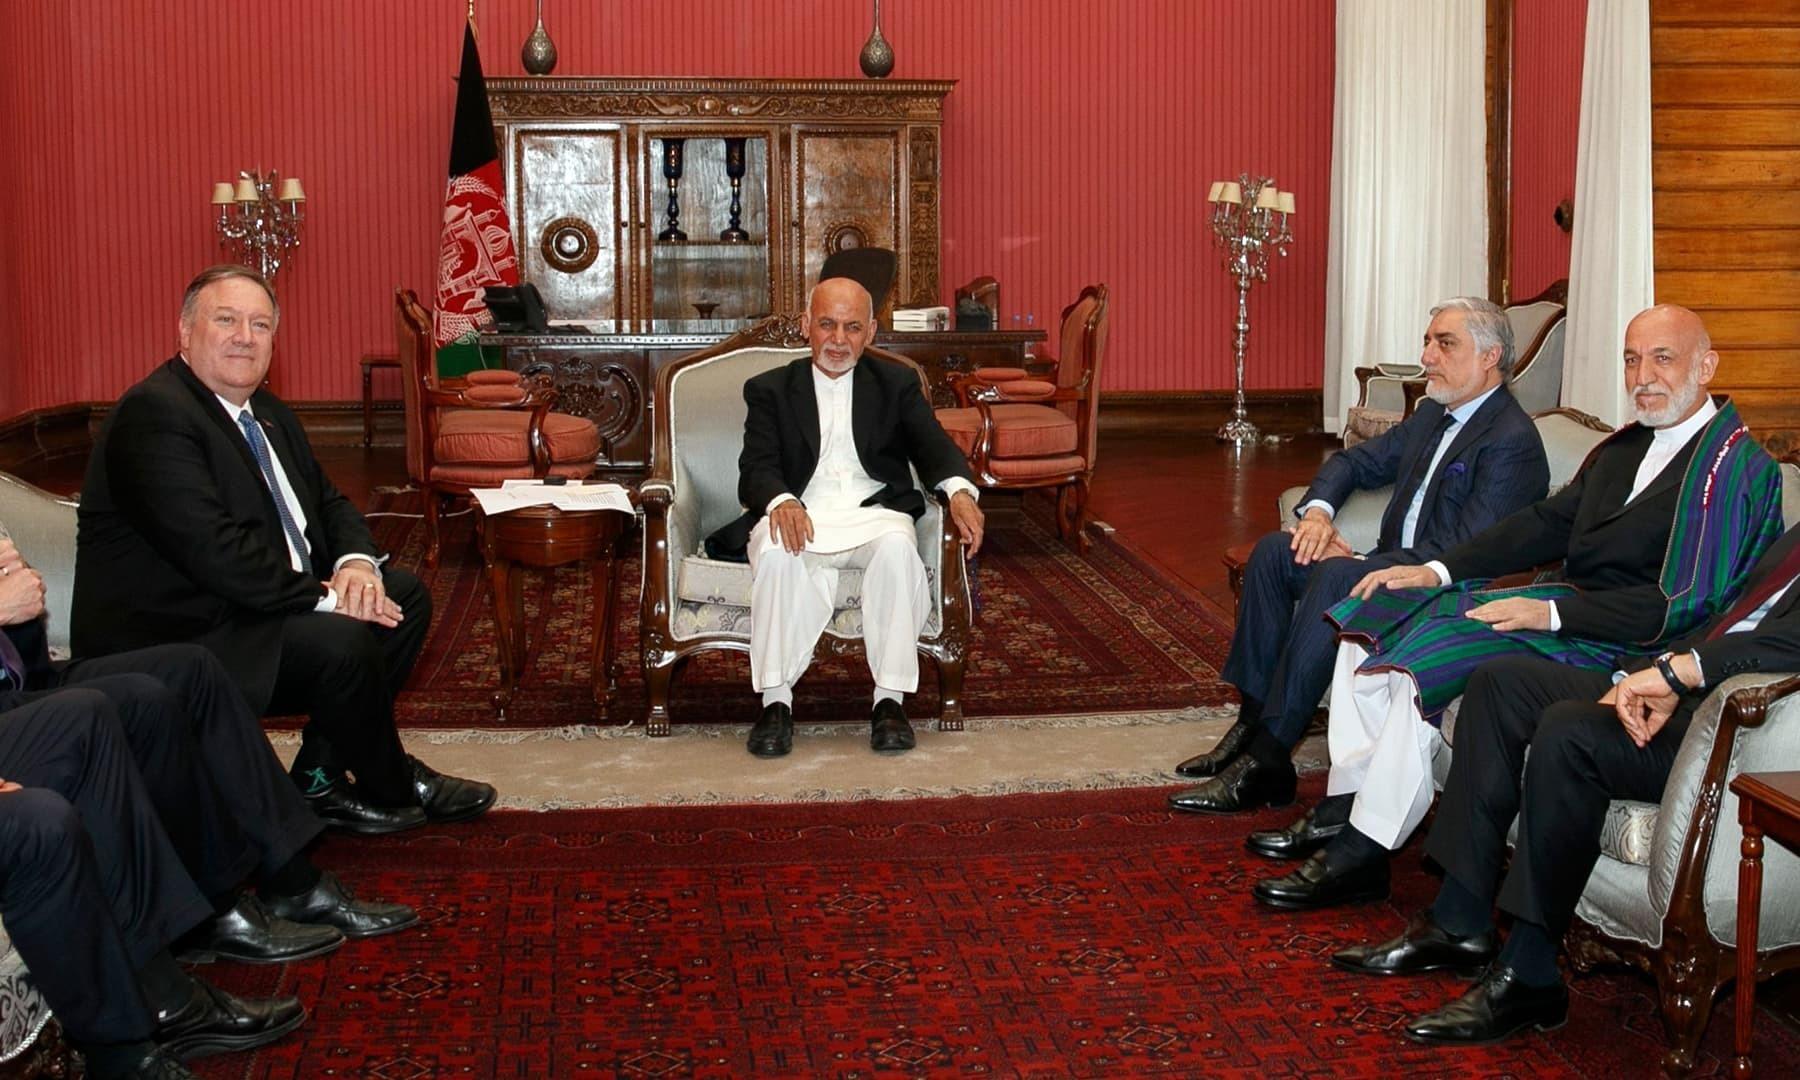 افغان رہنماؤں میں اختلاف، امریکا کا افغانستان کی امداد میں کمی کا فیصلہ